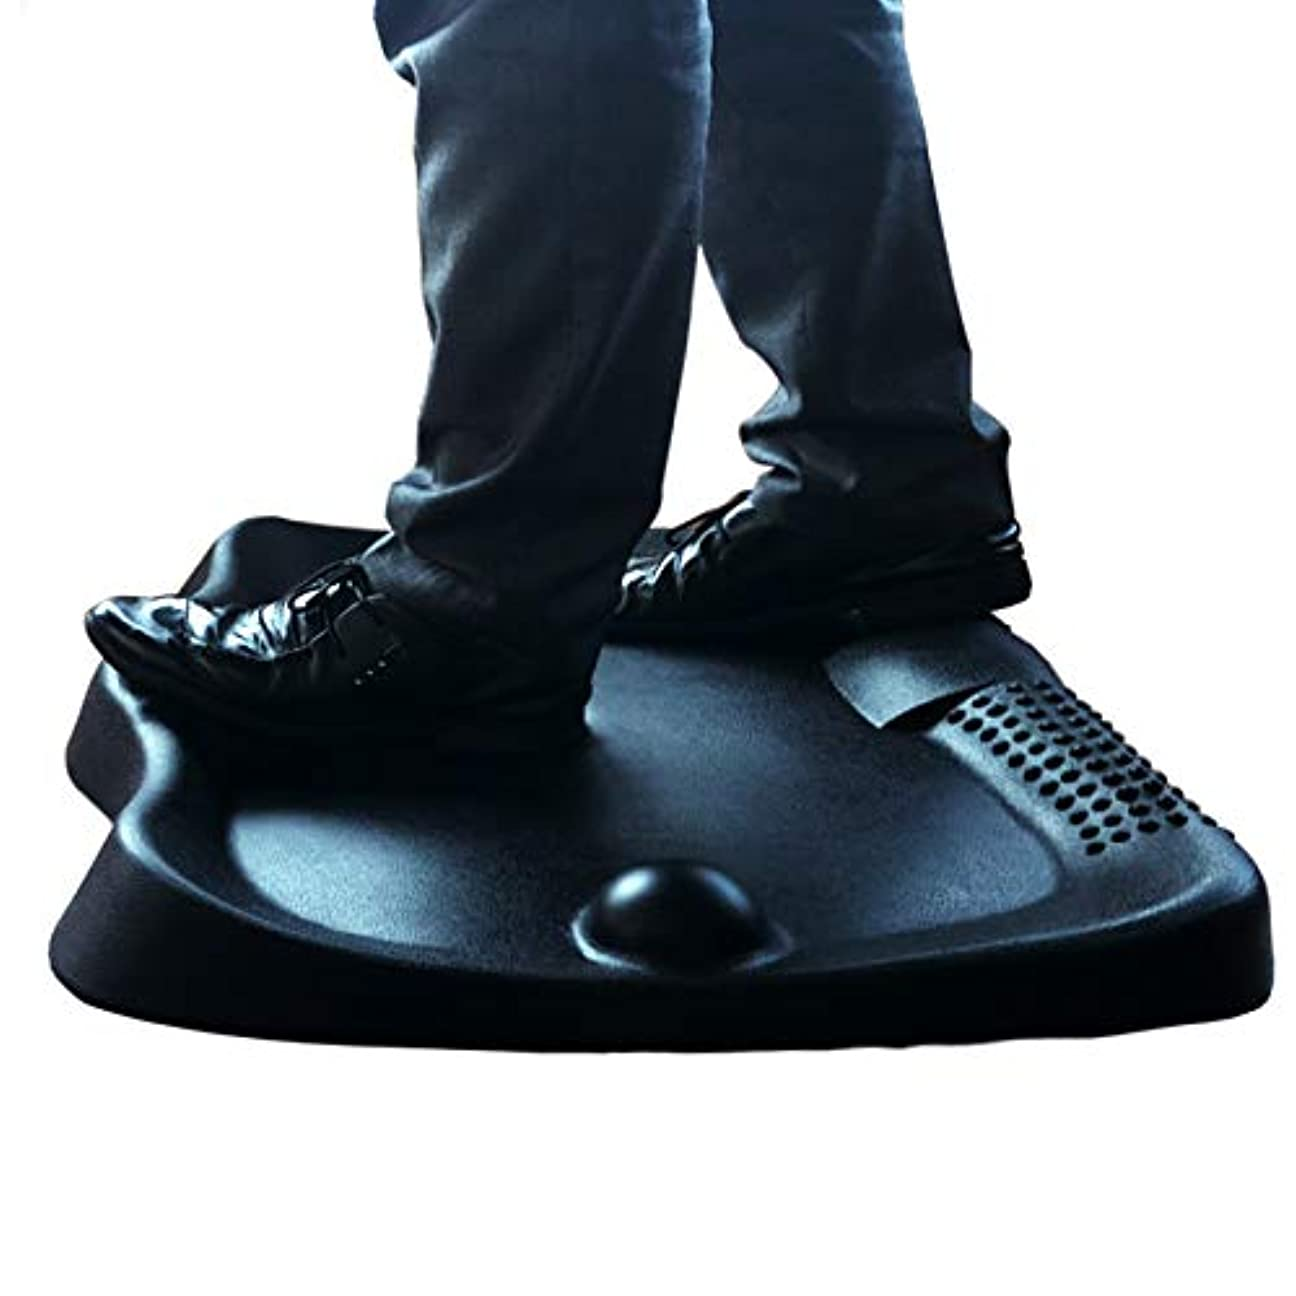 扇動するマリンに同意するArt3d スタンディングデスク 疲労防止マット フラットコンフォートマット フットマッサージ付き スタンディングワークステーション用 26.7 x 23インチ ブラック